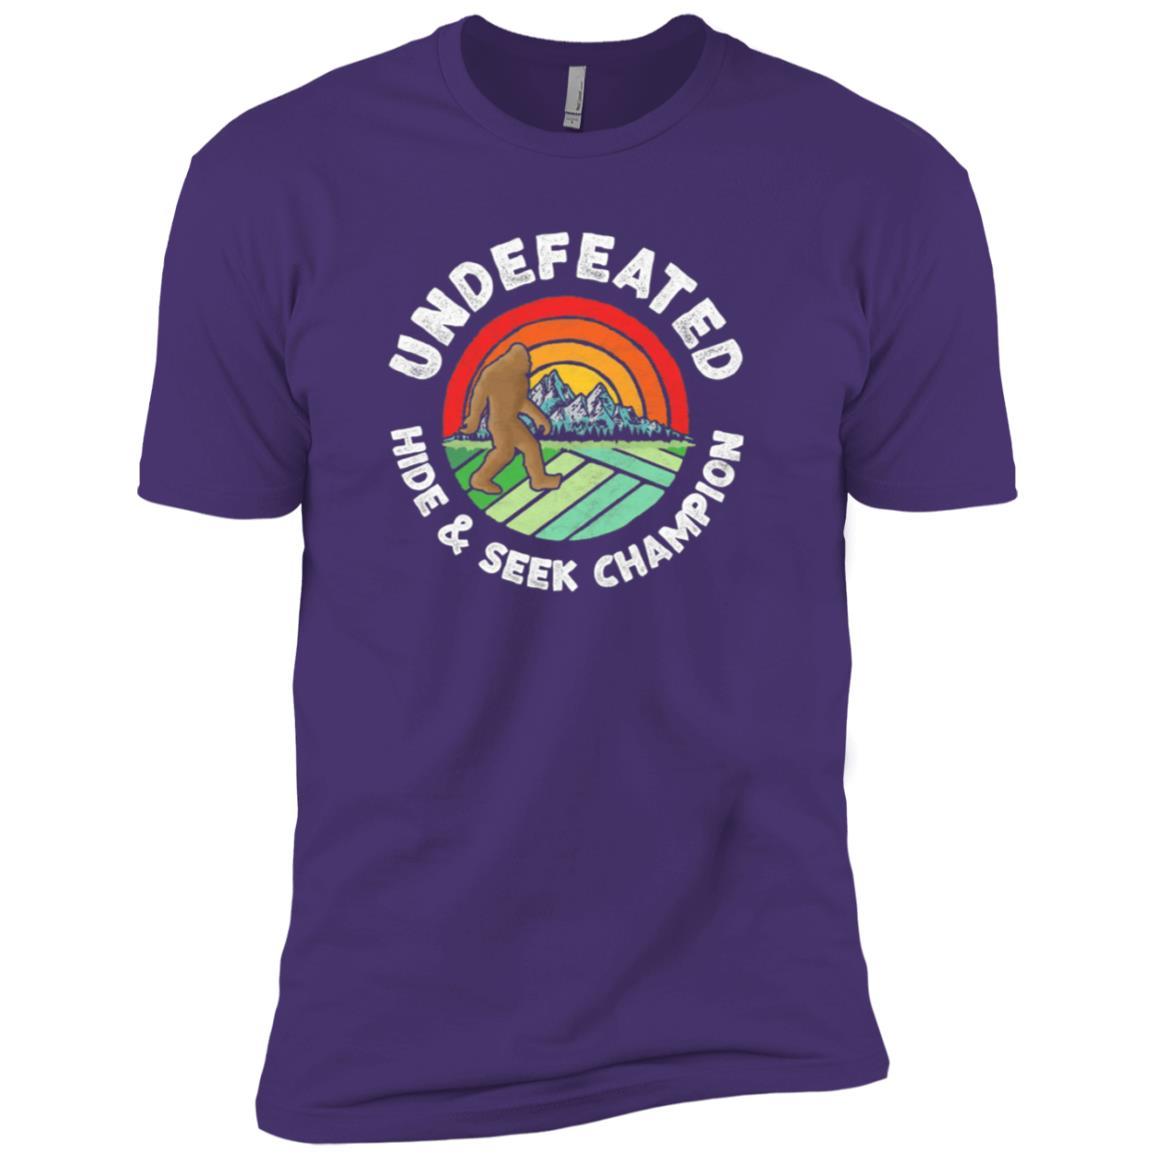 Vintage Hide & Seek Champ Funny Bigfoot -2 Men Short Sleeve T-Shirt